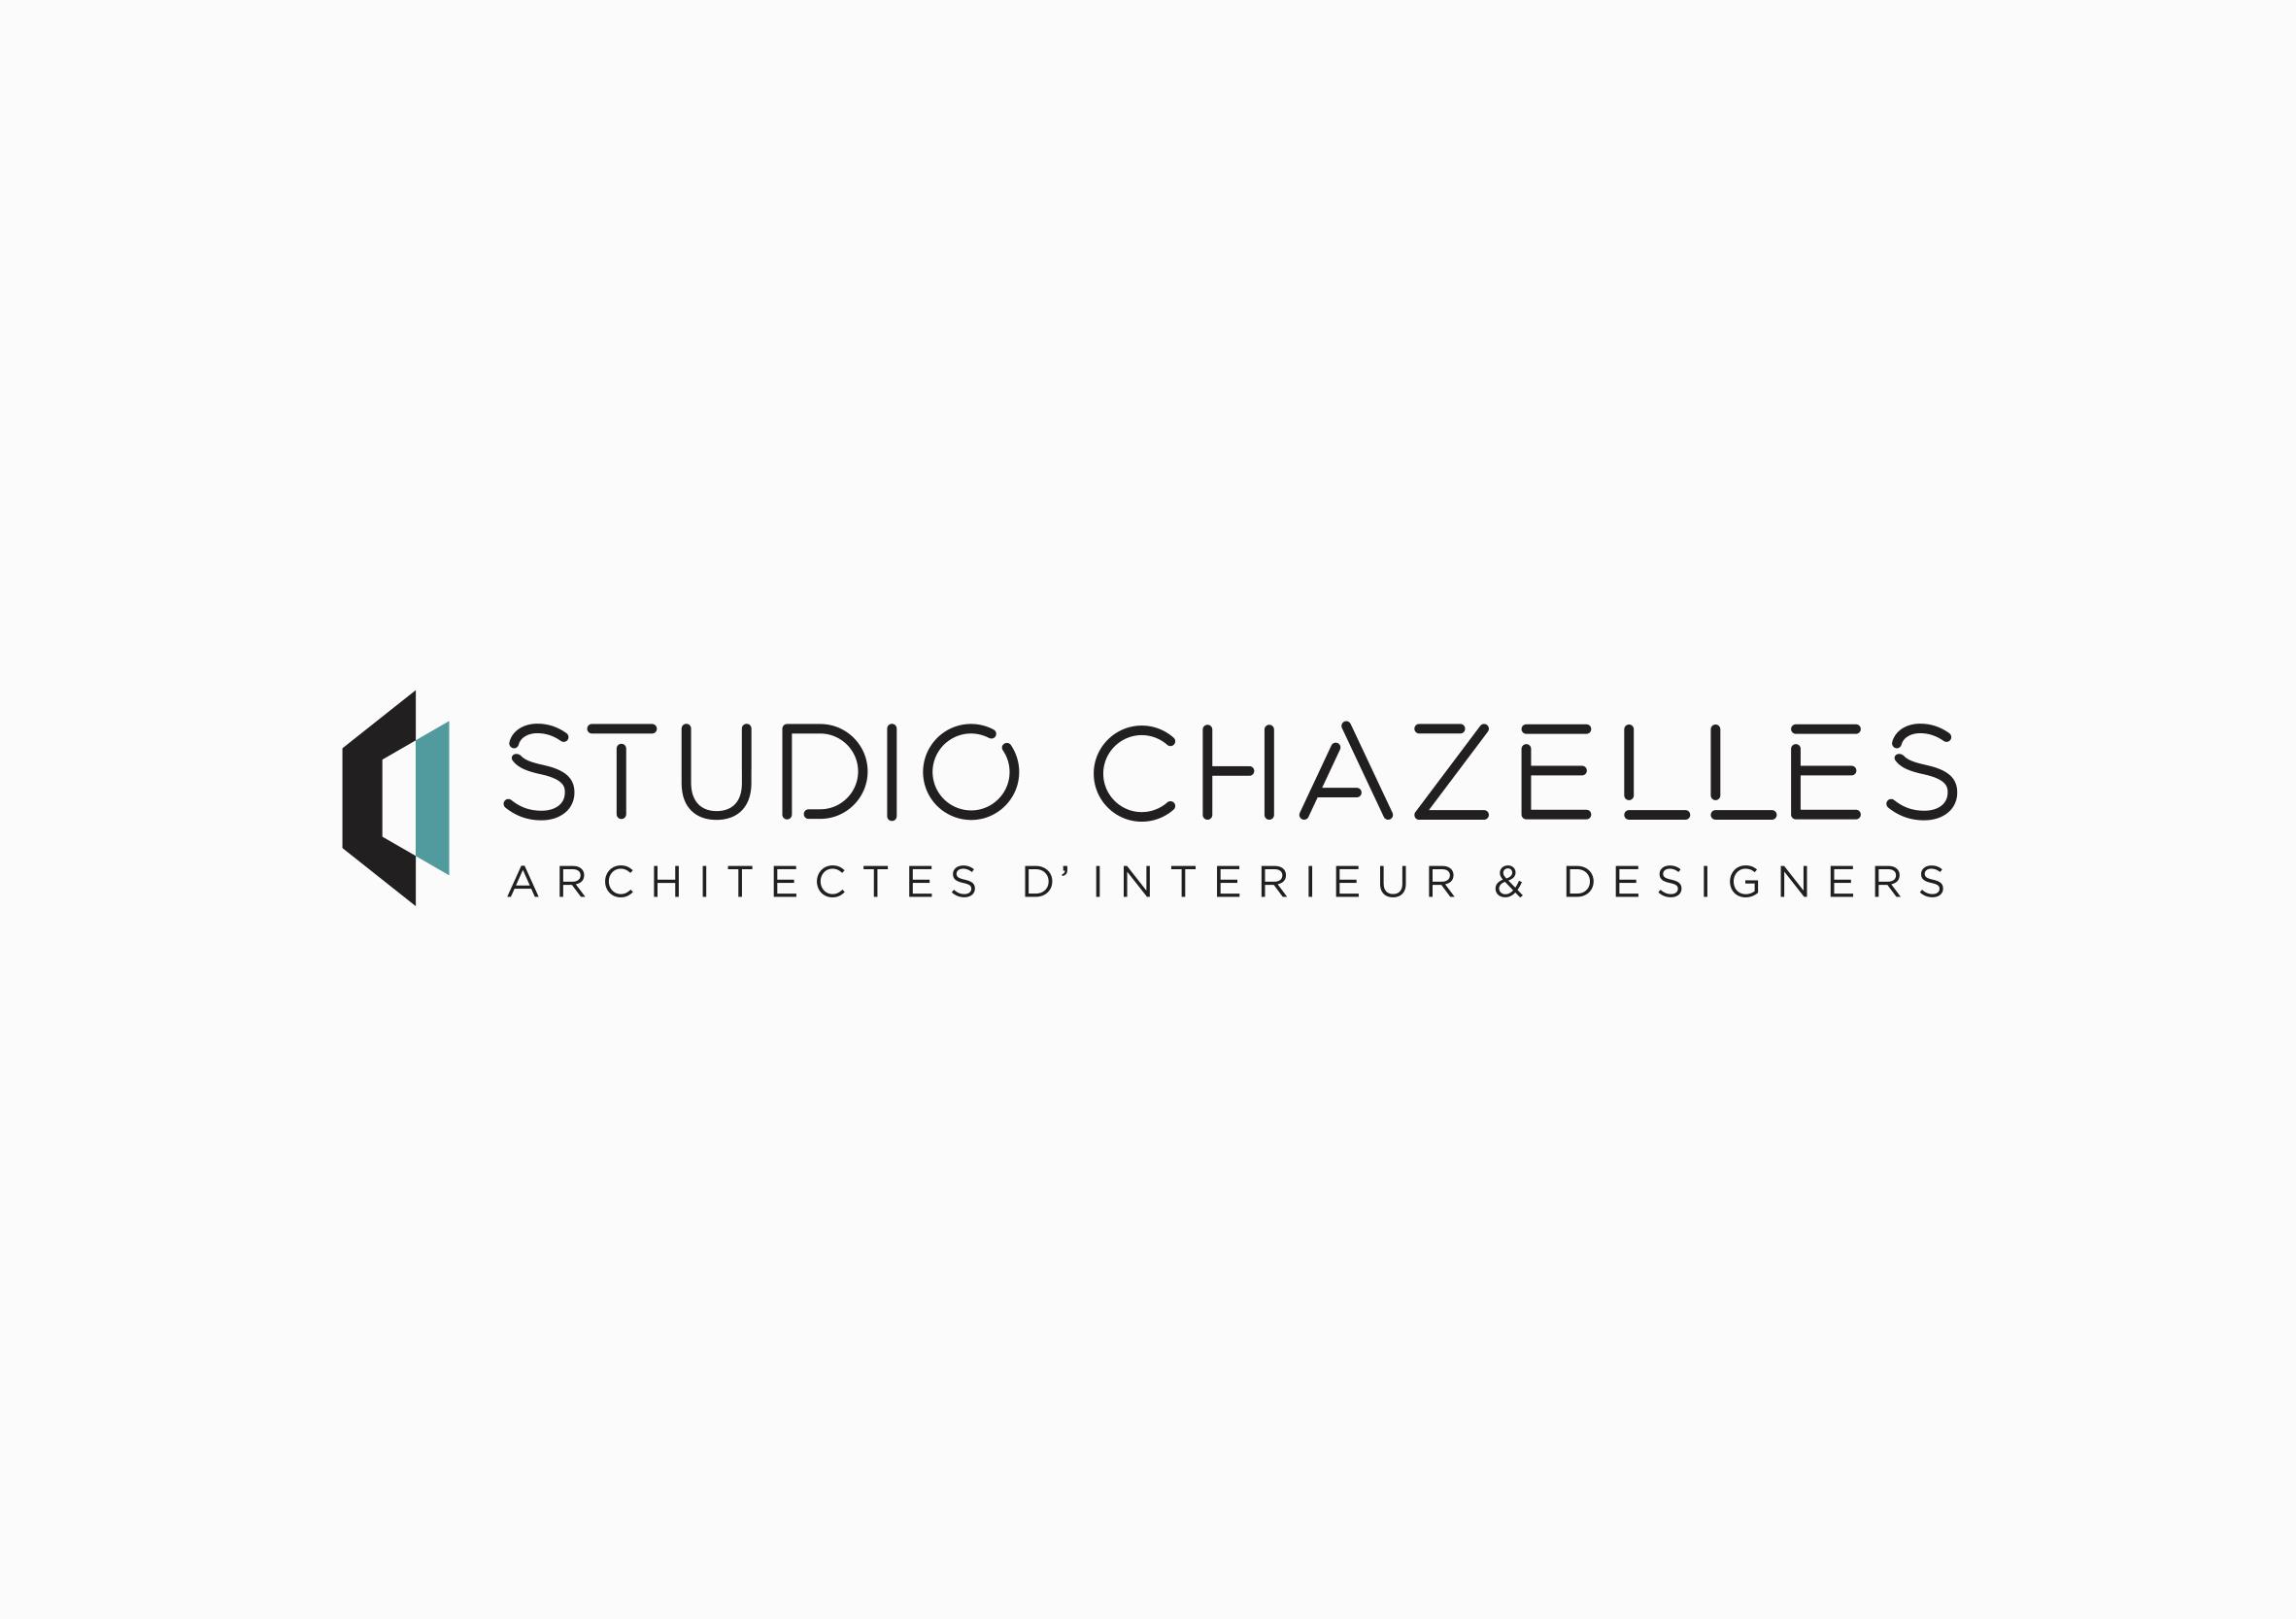 STUDIO CHAZELLES / COLLECTIF D'ARCHITECTES 1 DESIGNERS